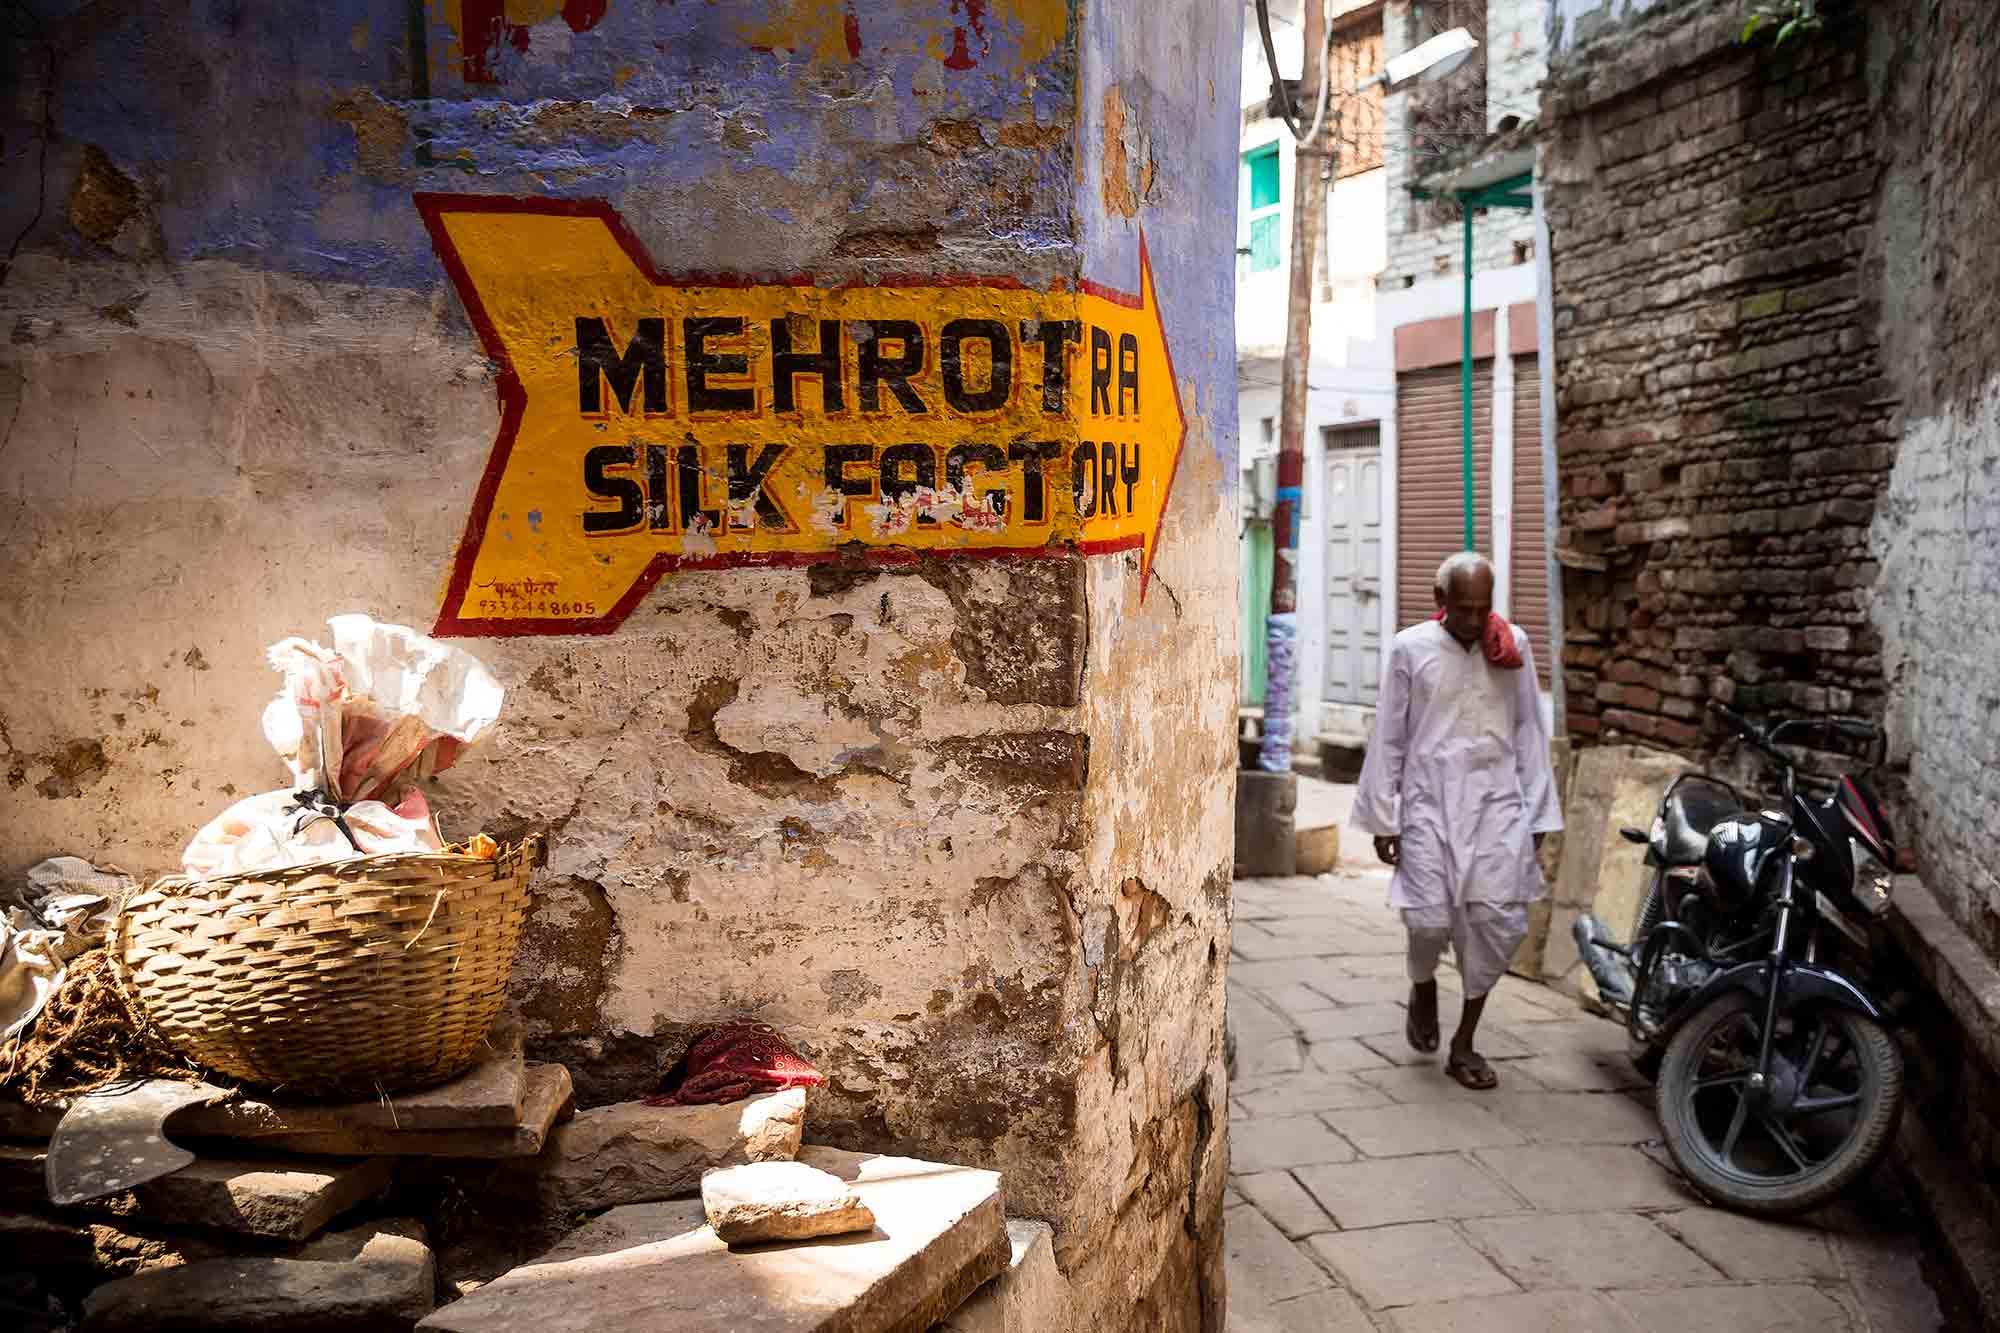 side-street-varanasi-india